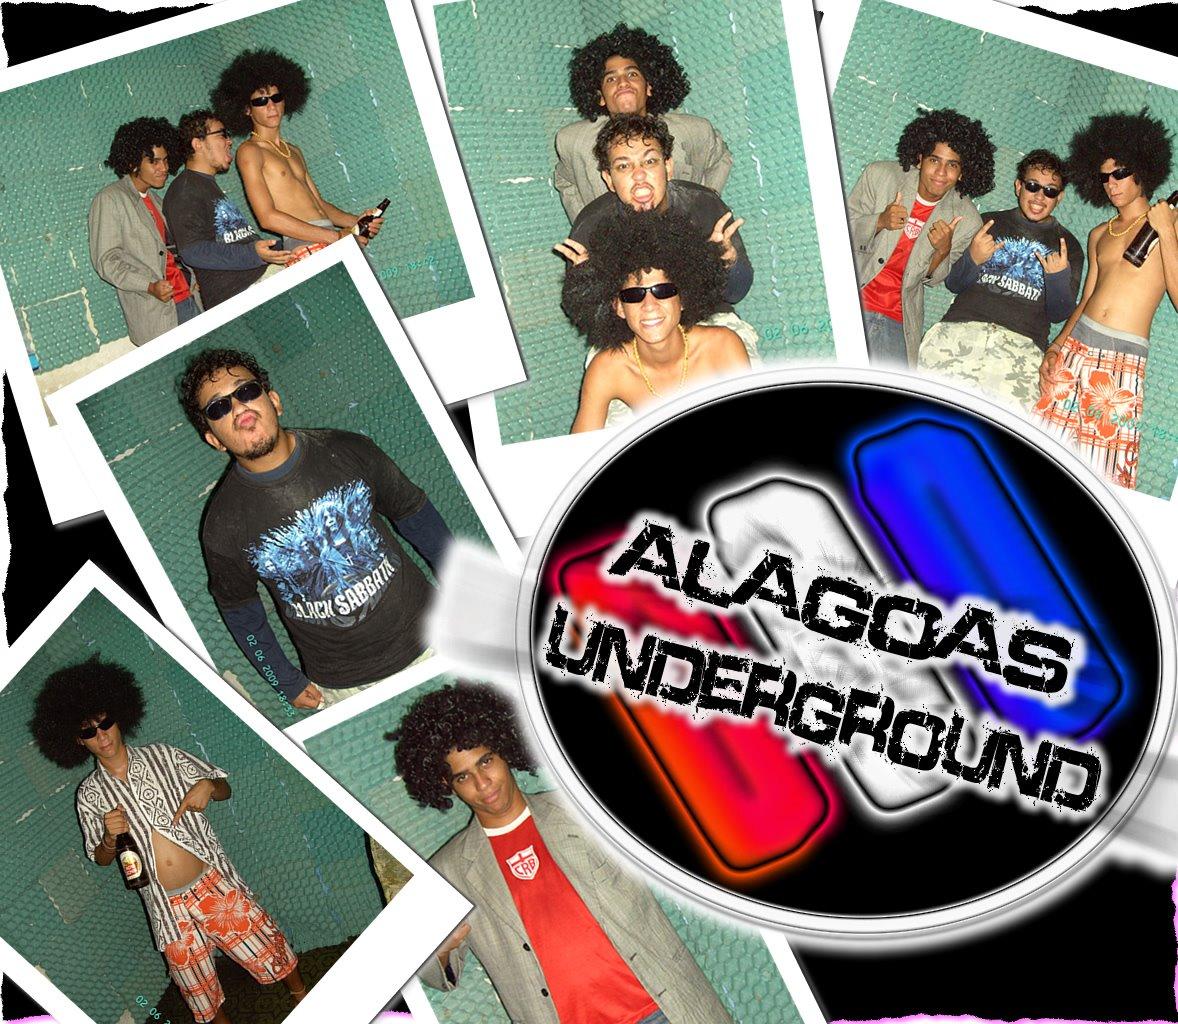 Alagoas underground - Tv